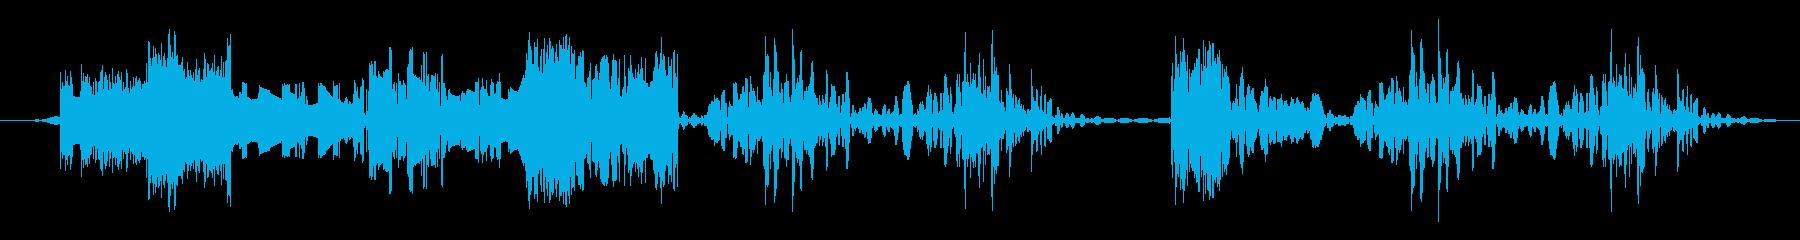 低ノイズカットトランジションの再生済みの波形